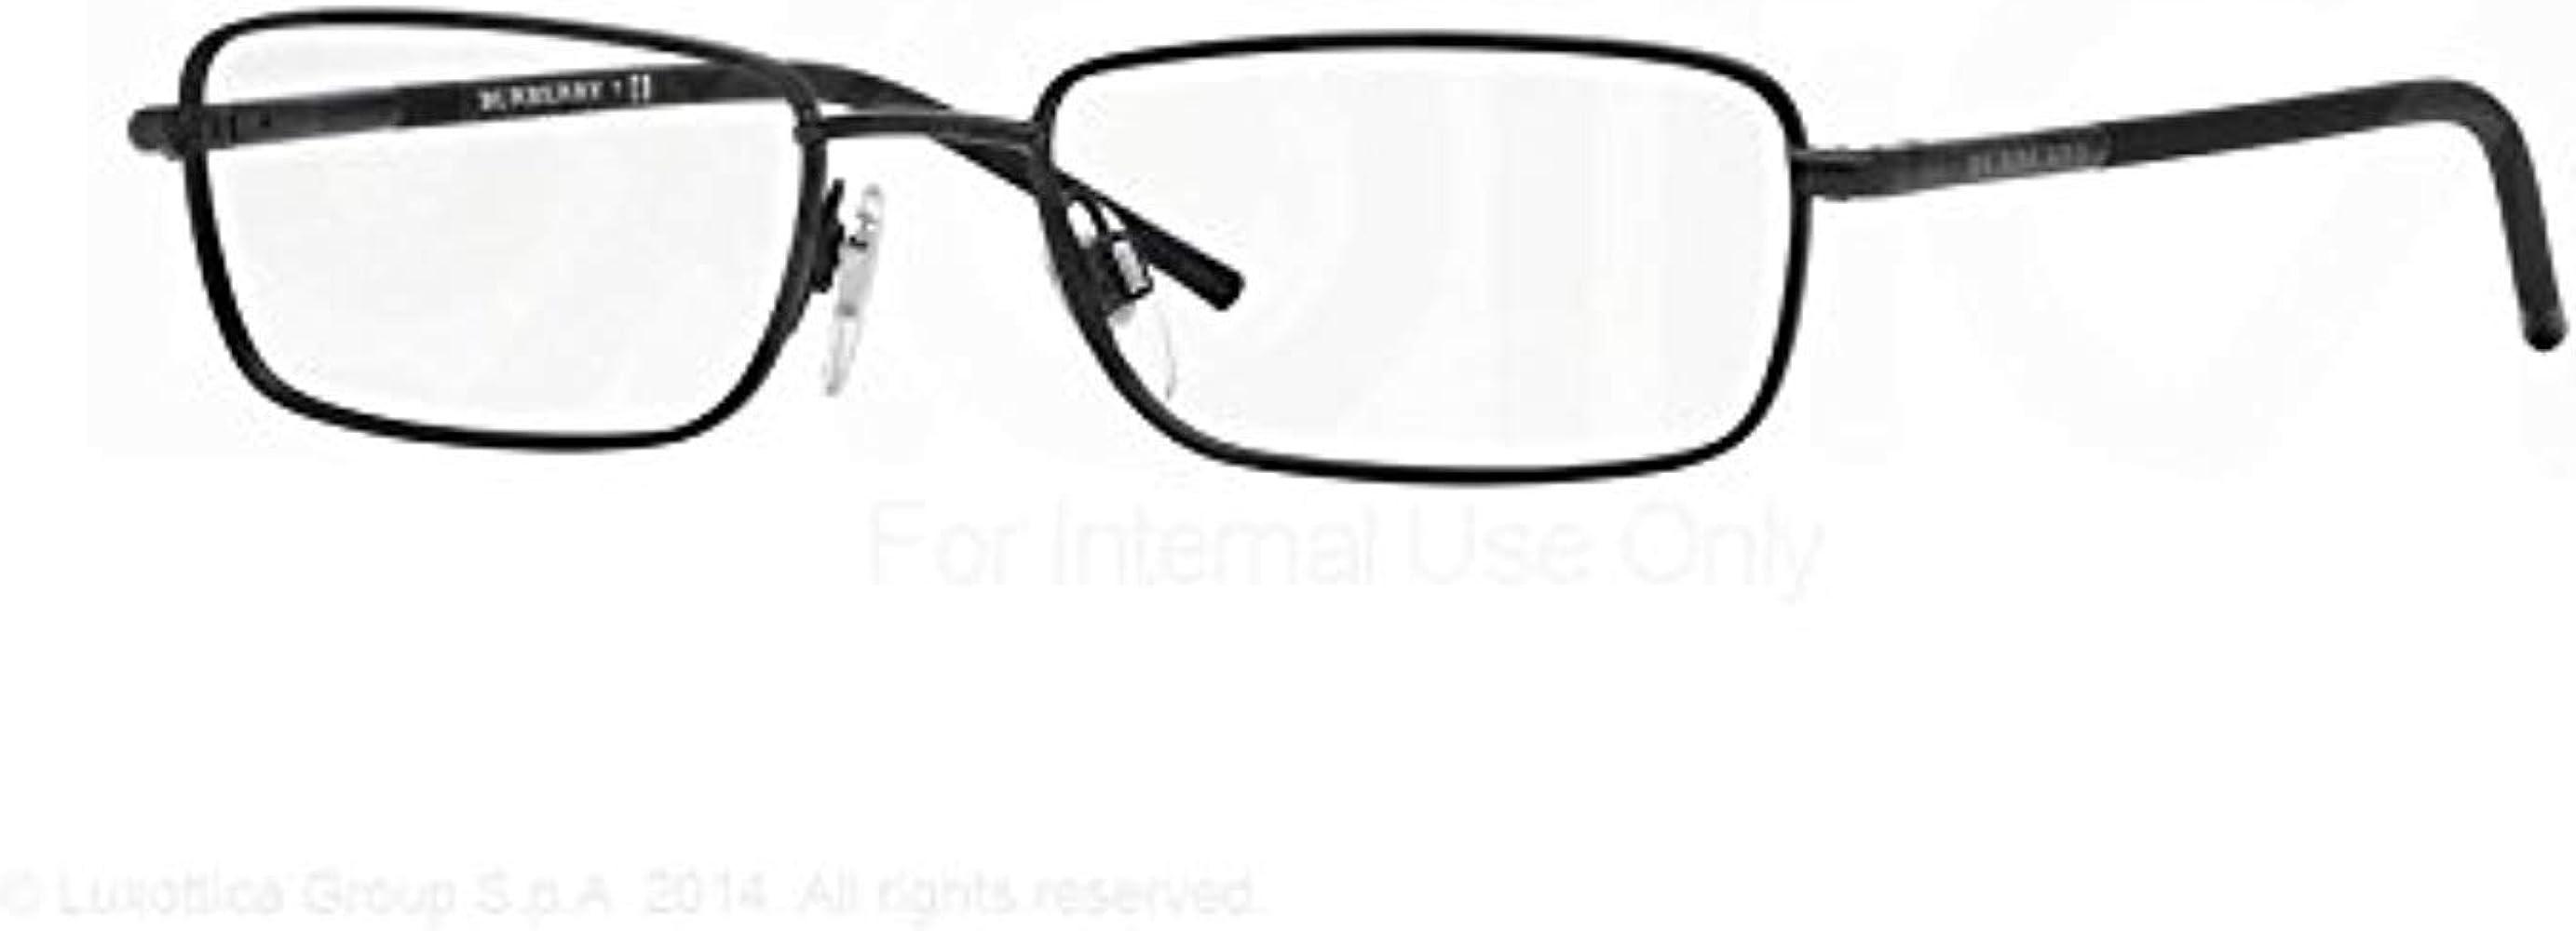 351ec1a038bb Amazon.com: Burberry Men's BE1268 Eyeglasses Matte Black 52mm: Shoes